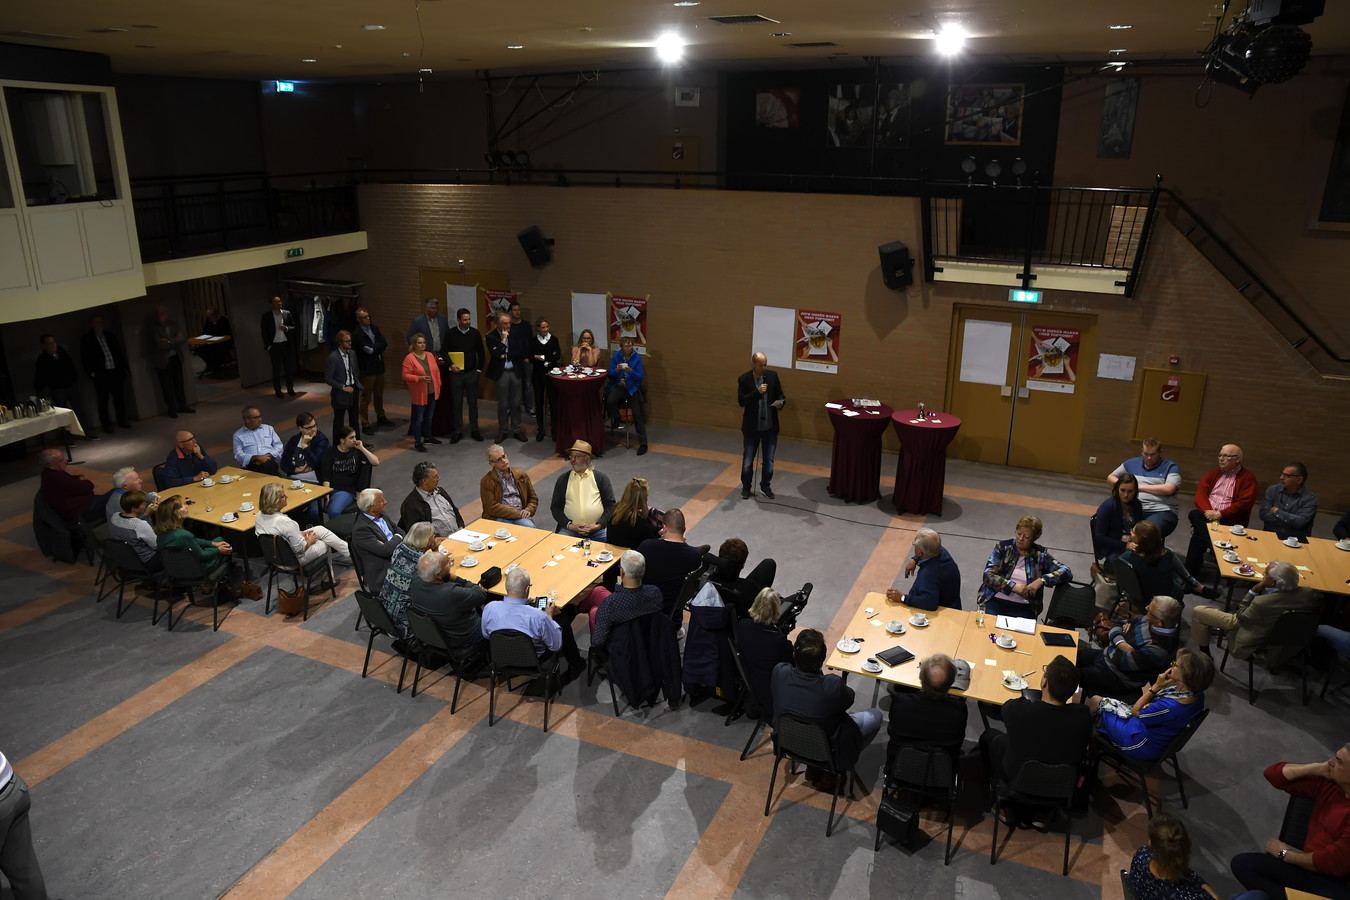 De startbijeenkomst in De Wetering voor de Toekomstagenda van de gemeente Loon op Zand.